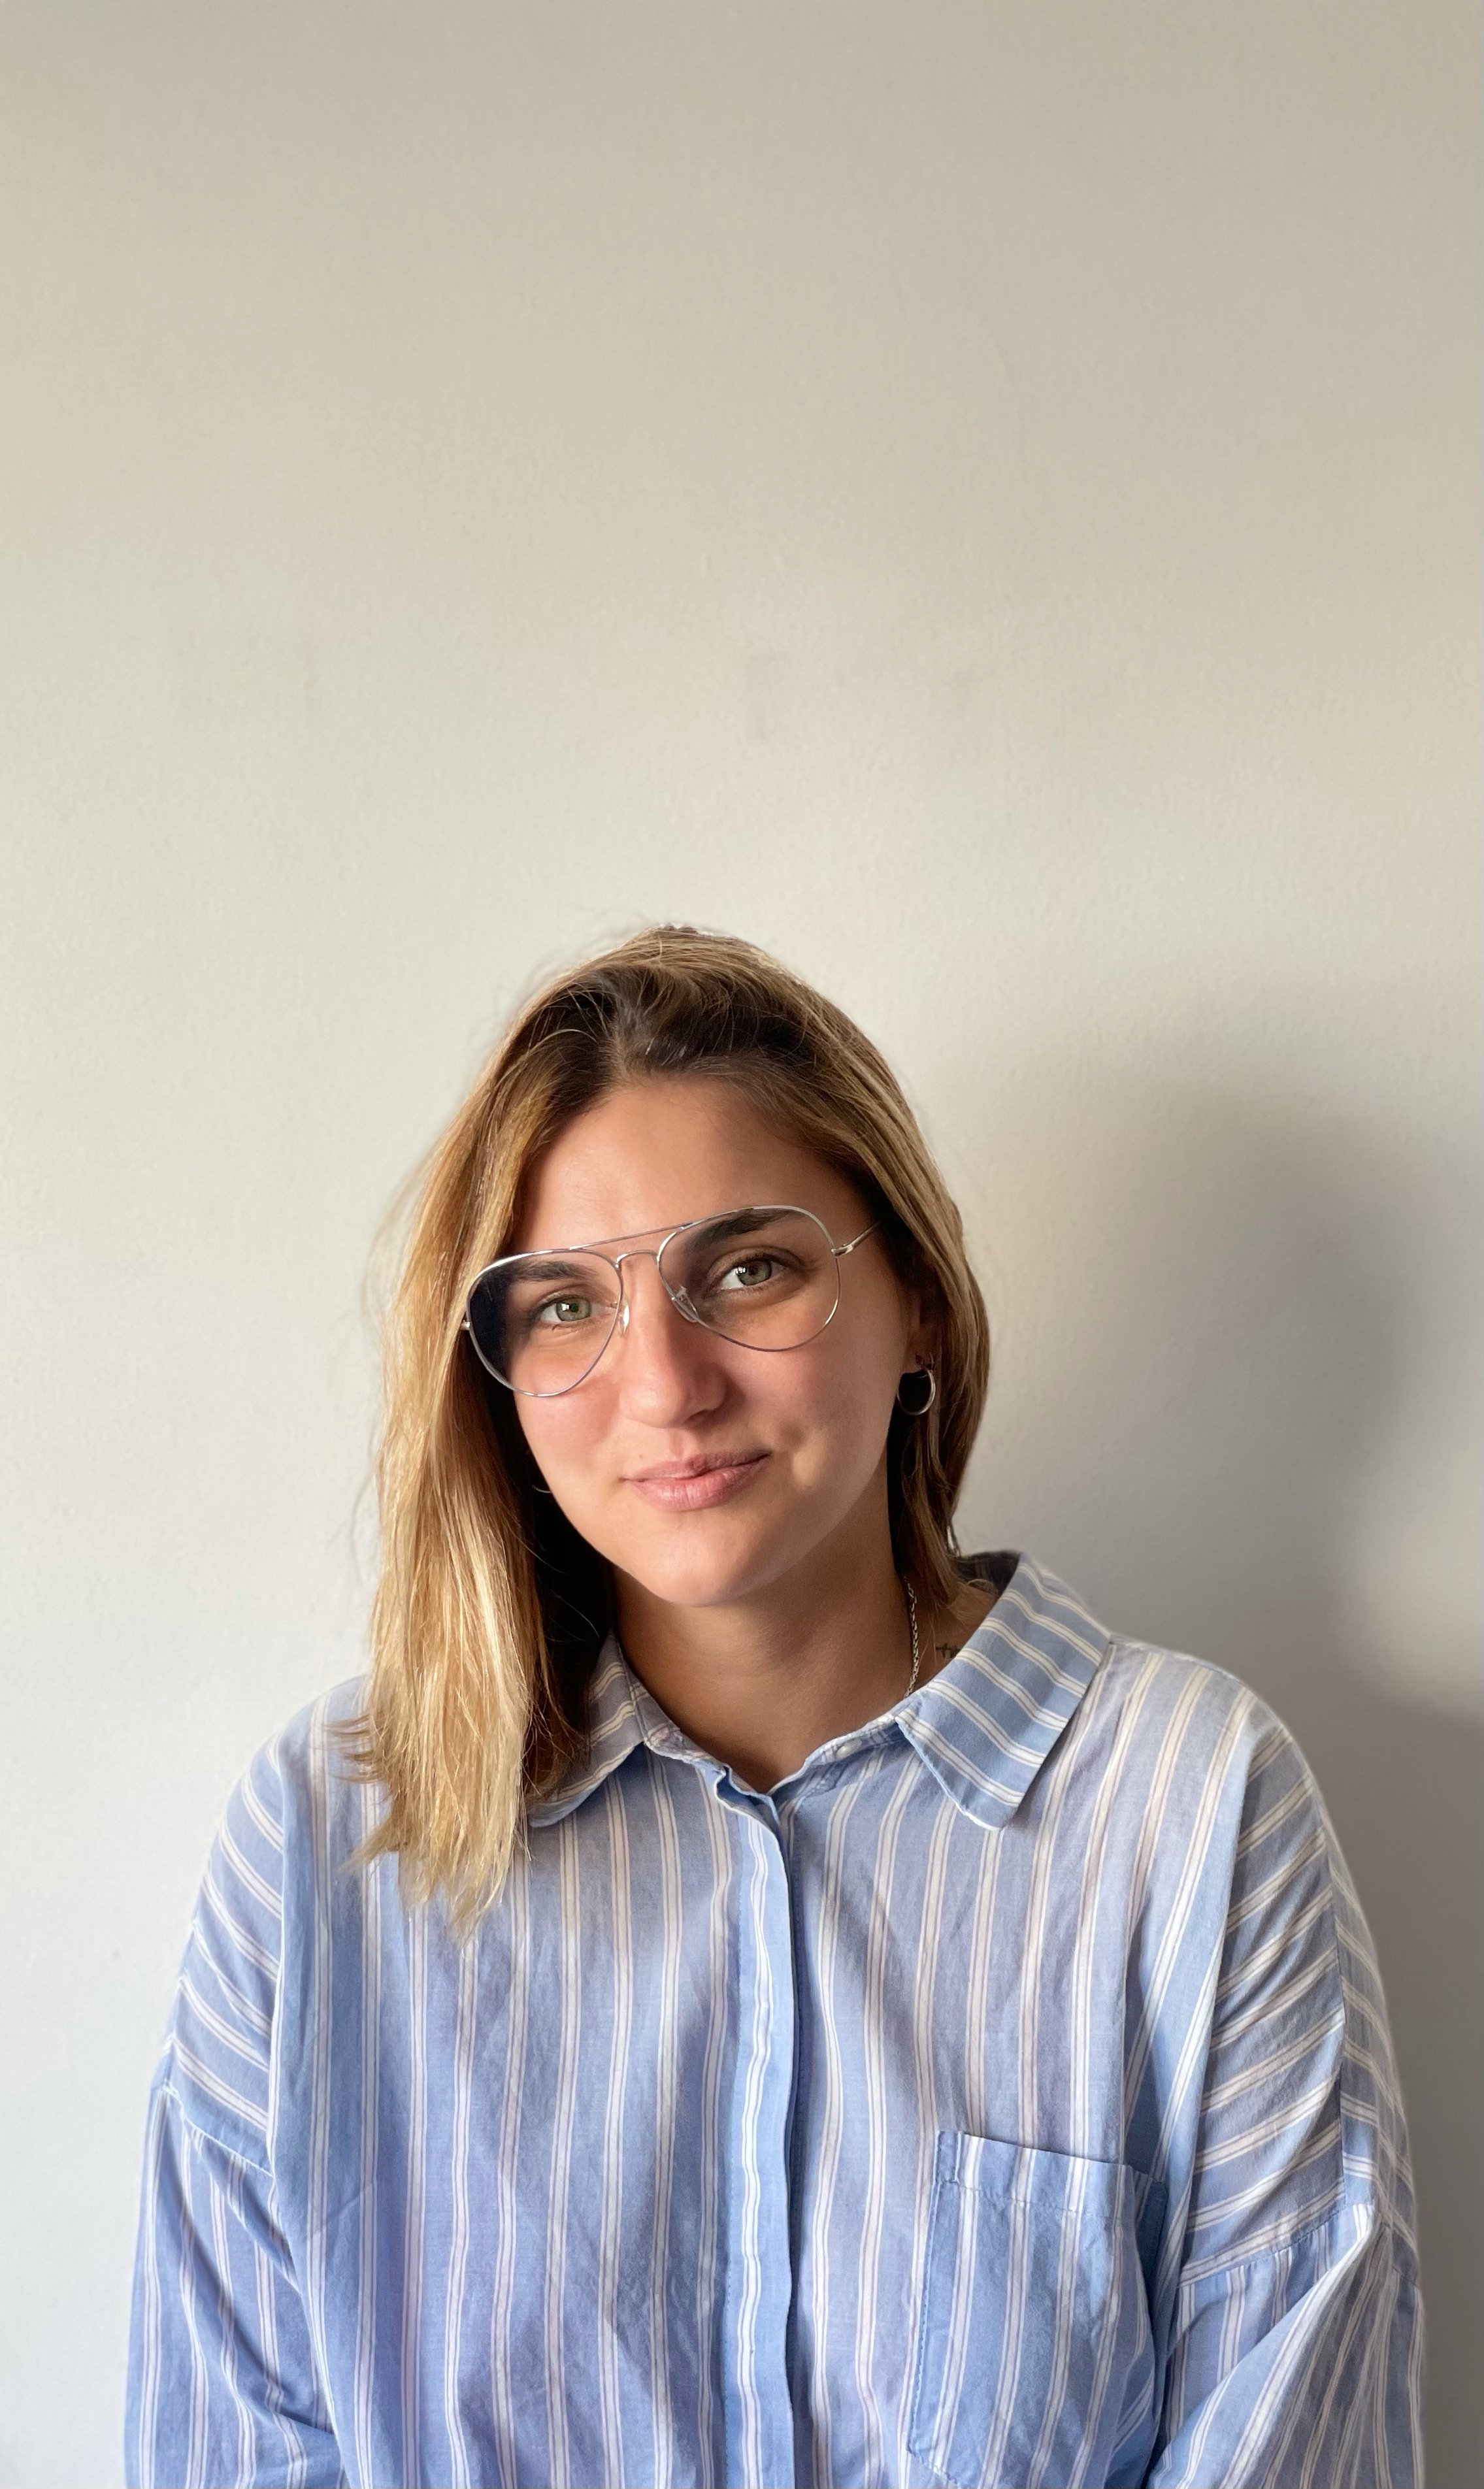 Carli Escobar